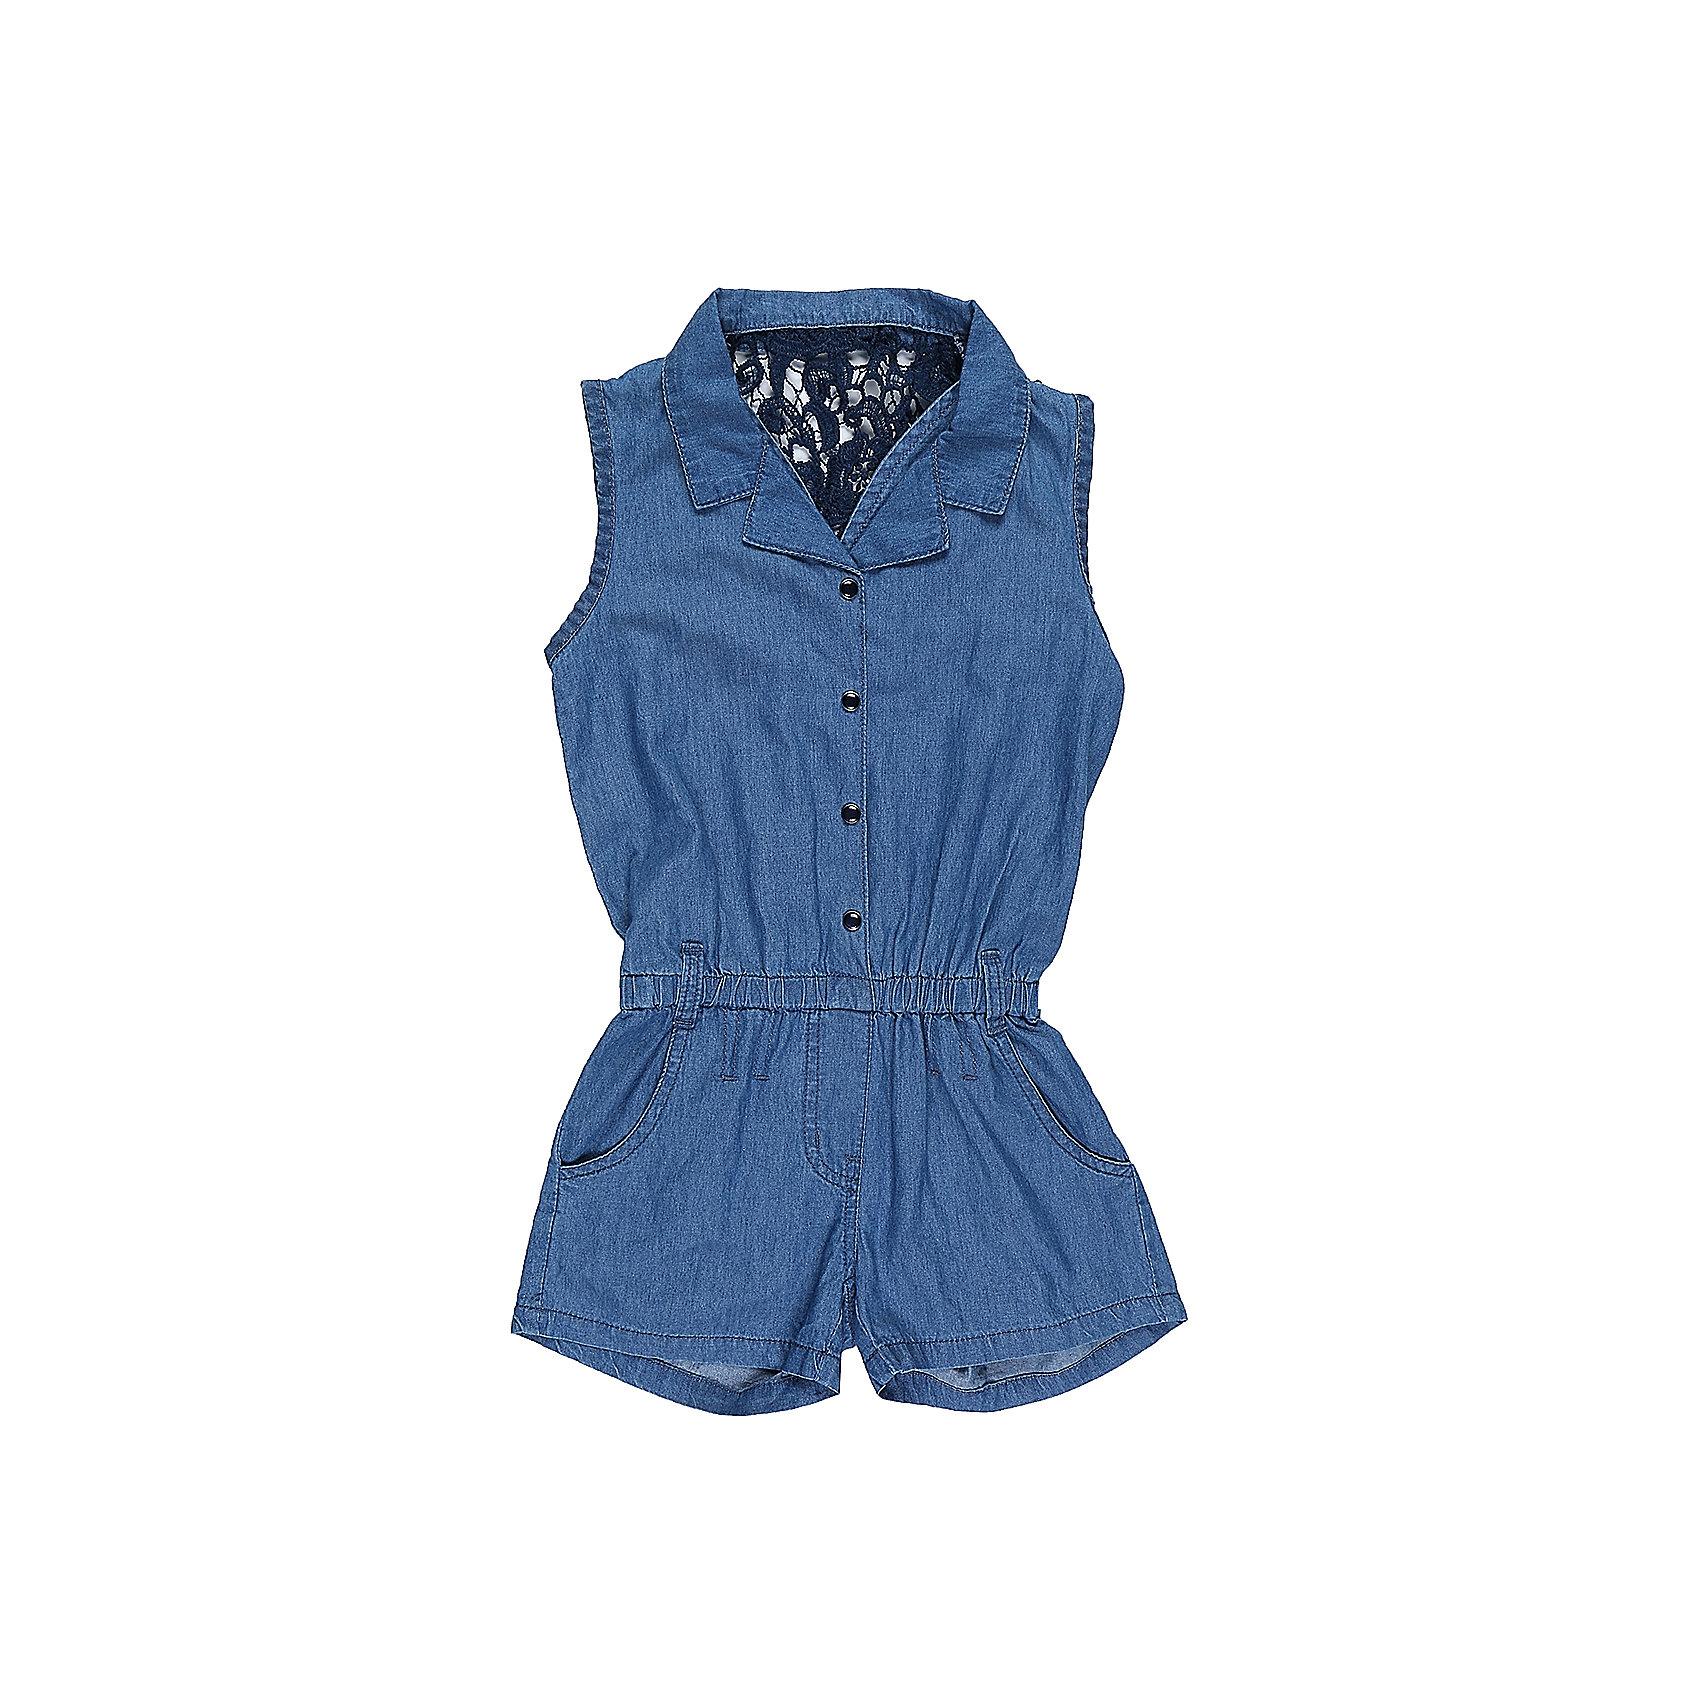 Комбинезон для девочки LuminosoКомбинезон из тонкой хлопковой ткани под джинсу для девочки без рукавов. Спинка декорирована плетеным кружевом. Отложной воротничок. Застежка на кнопках.<br>Состав:<br>100%хлопок<br><br>Ширина мм: 215<br>Глубина мм: 88<br>Высота мм: 191<br>Вес г: 336<br>Цвет: синий<br>Возраст от месяцев: 156<br>Возраст до месяцев: 168<br>Пол: Женский<br>Возраст: Детский<br>Размер: 164,140,146,152,134,158<br>SKU: 5413129